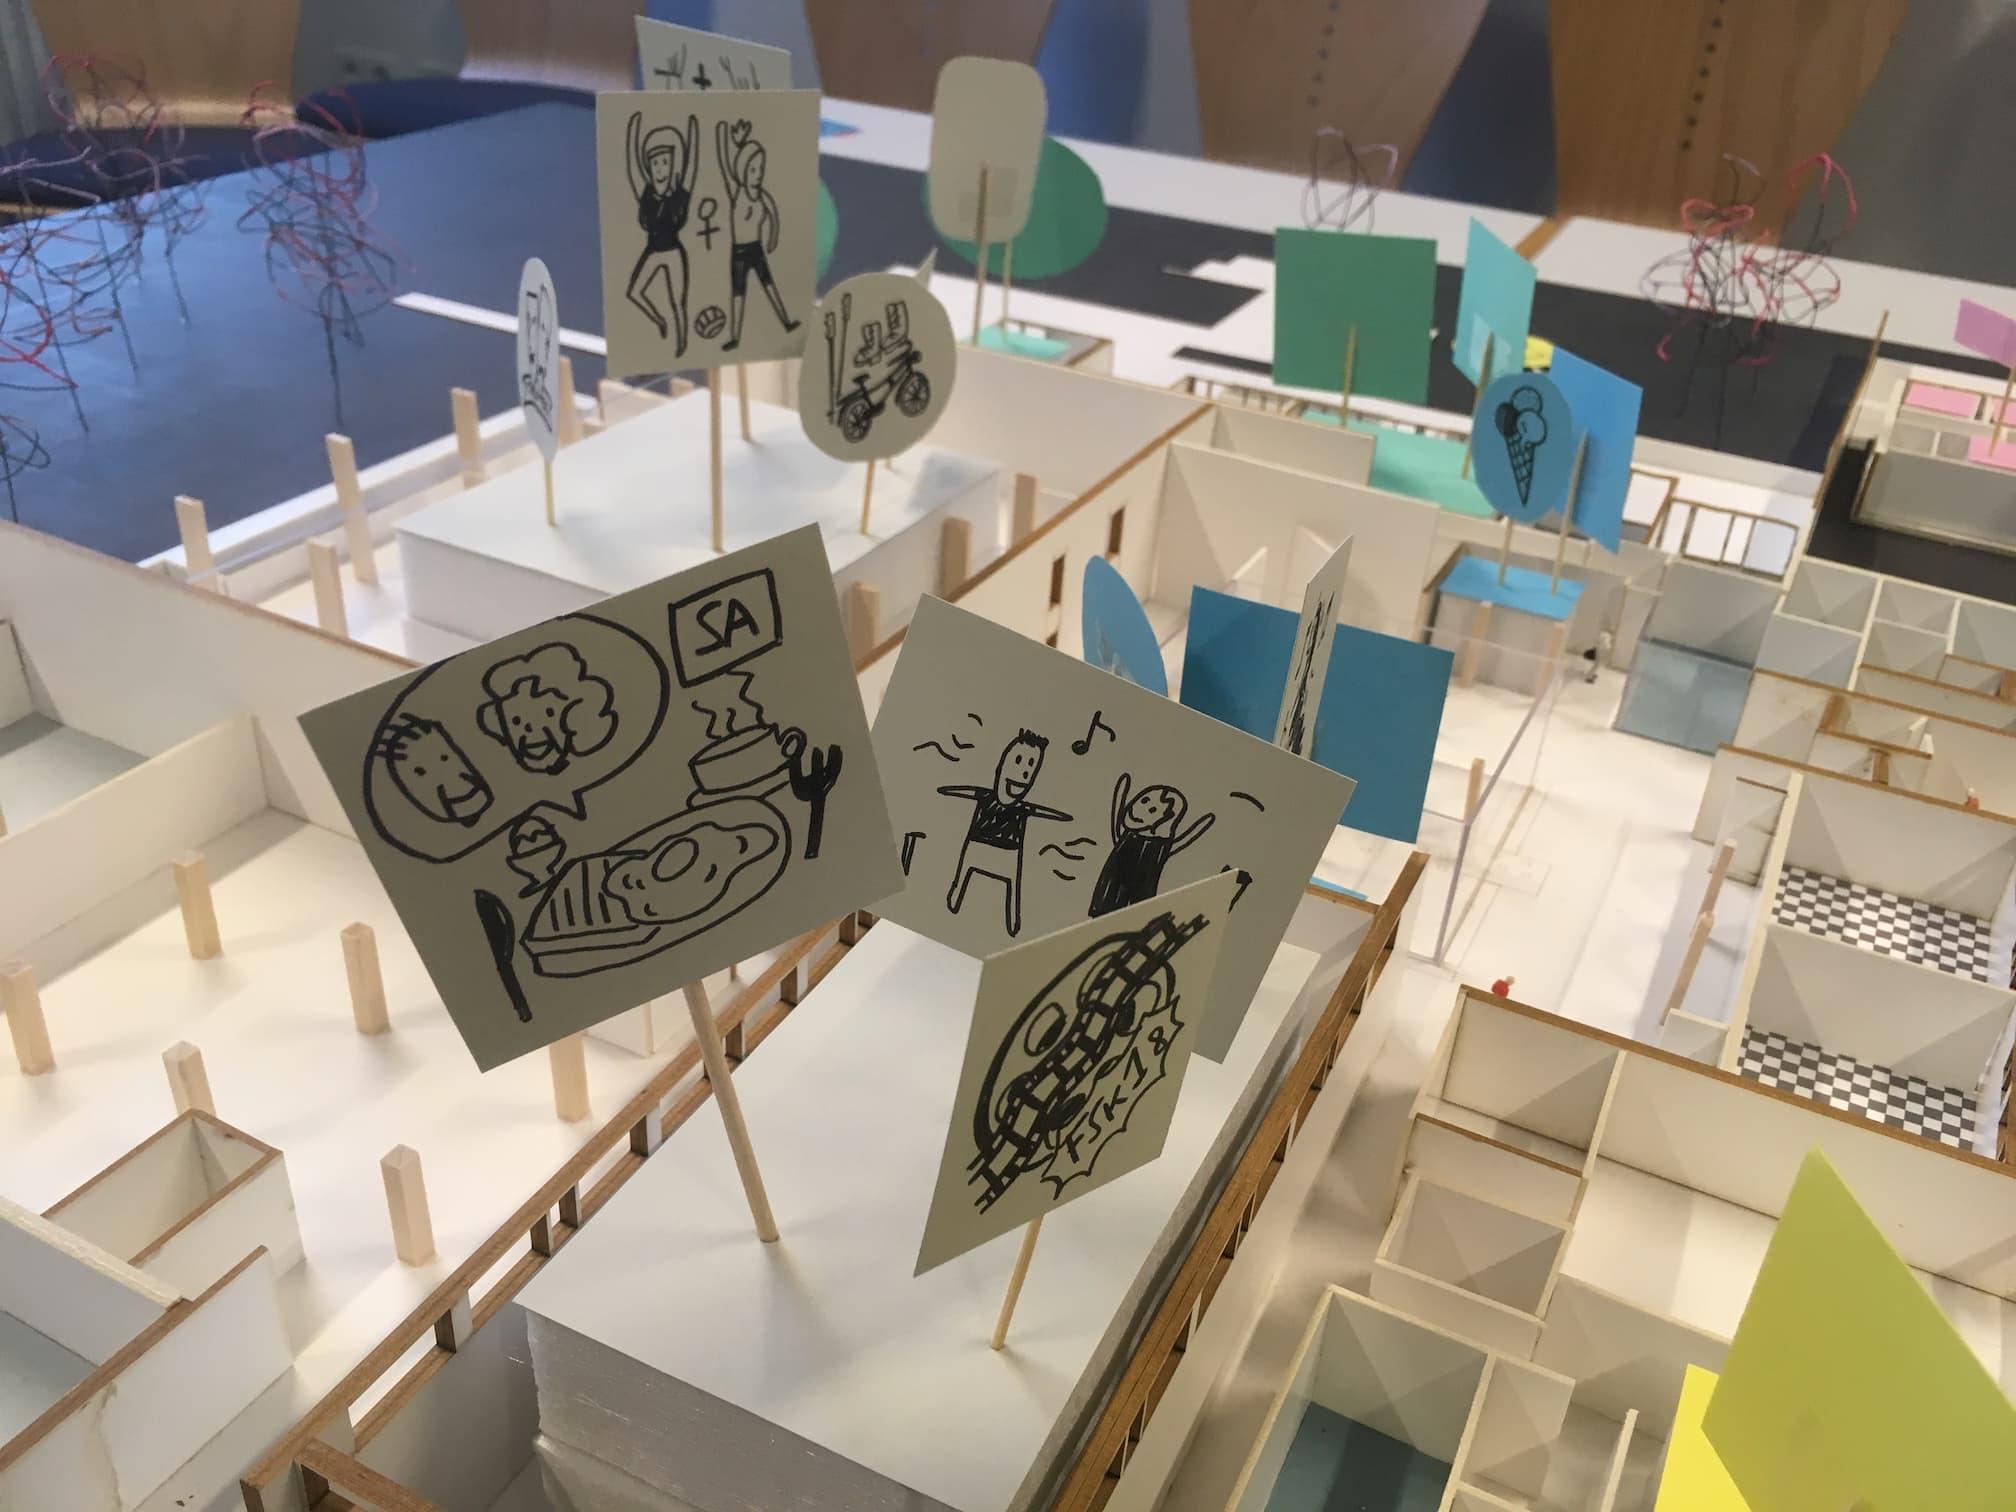 Mit Ideen bemalte Kärtchen sind in die entsprechenden Gebäude gesteckt